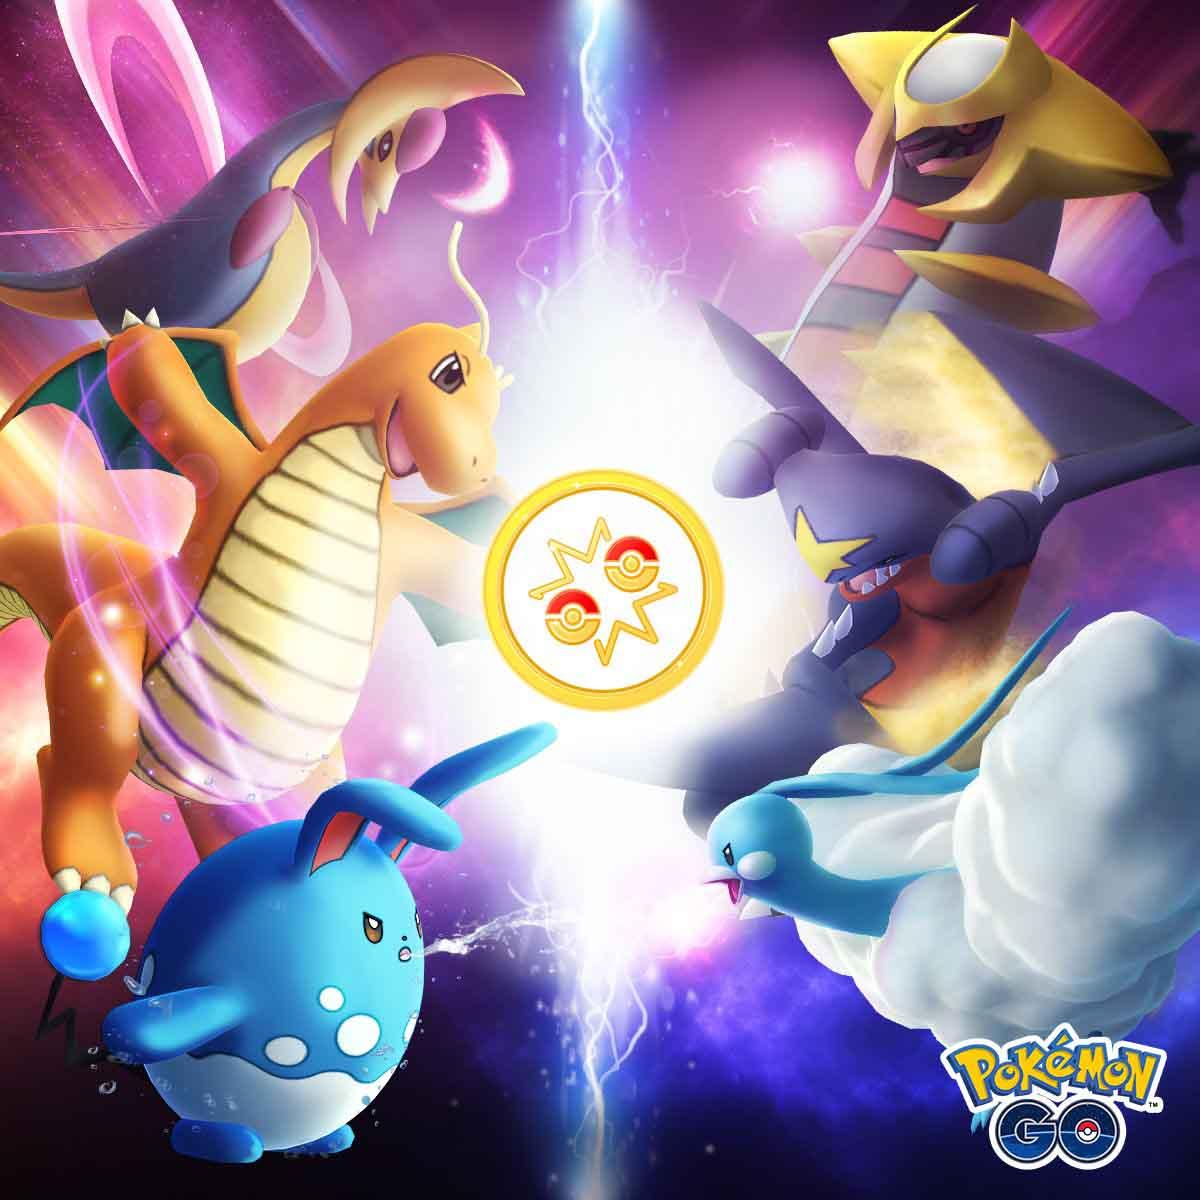 สูตรลับ Hack Pokemon Go2